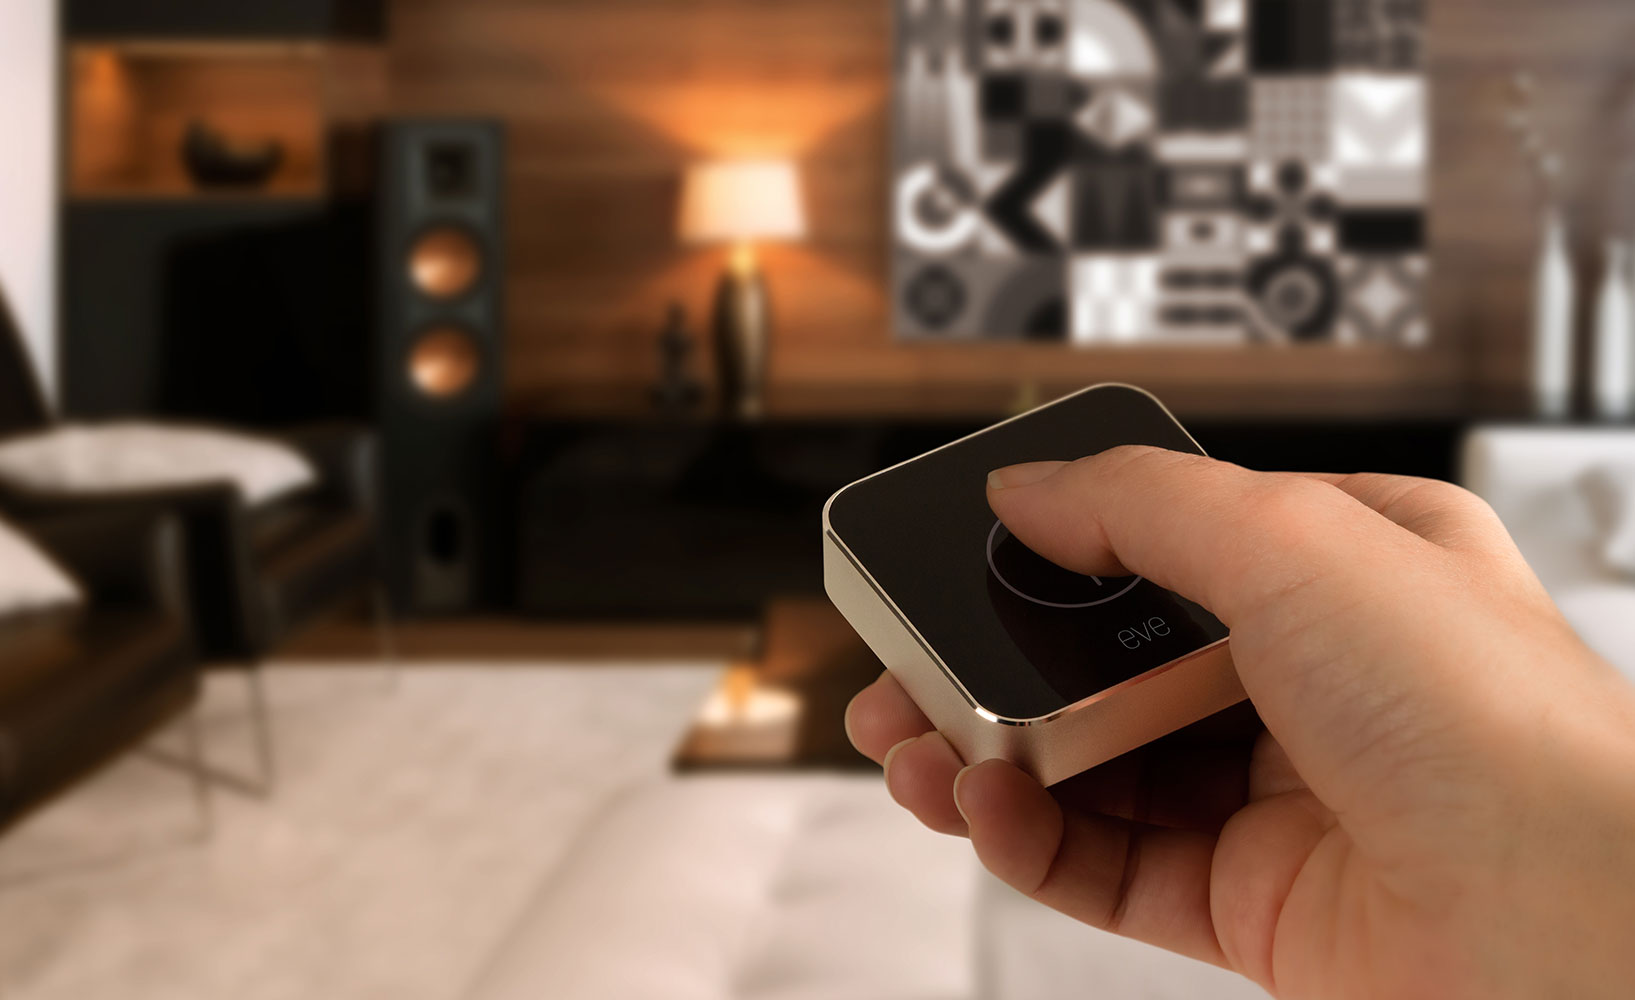 Allroundschutz fürs Smart Home per Sicherheitshub